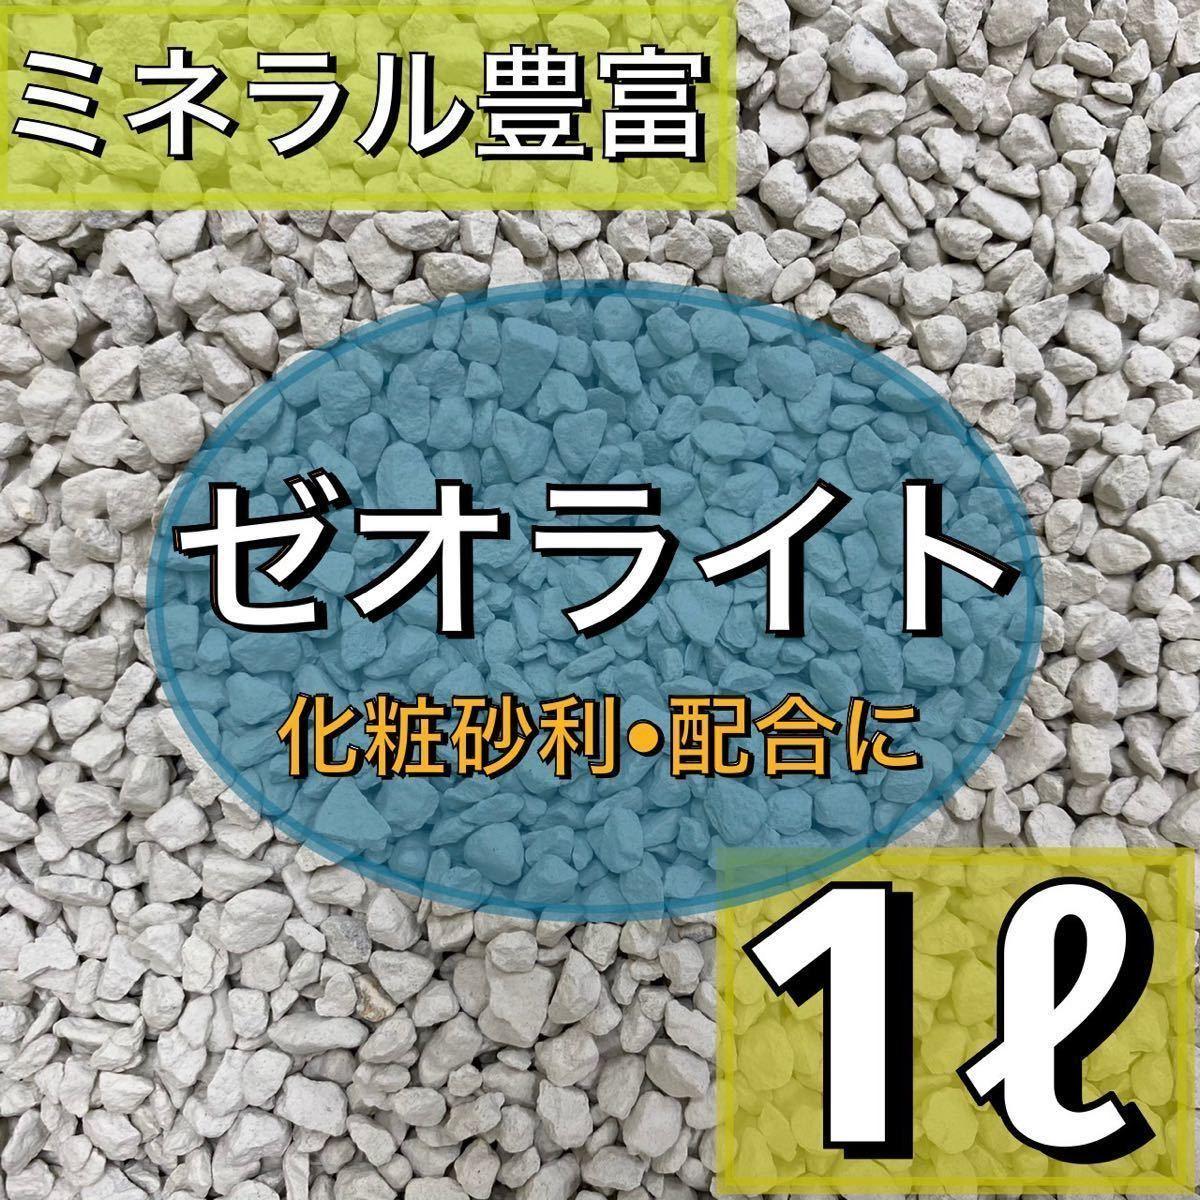 粒状ゼオライト 1リットル 小粒 多肉植物 サボテン 観葉植物 土 魂根植物 マグネシウム